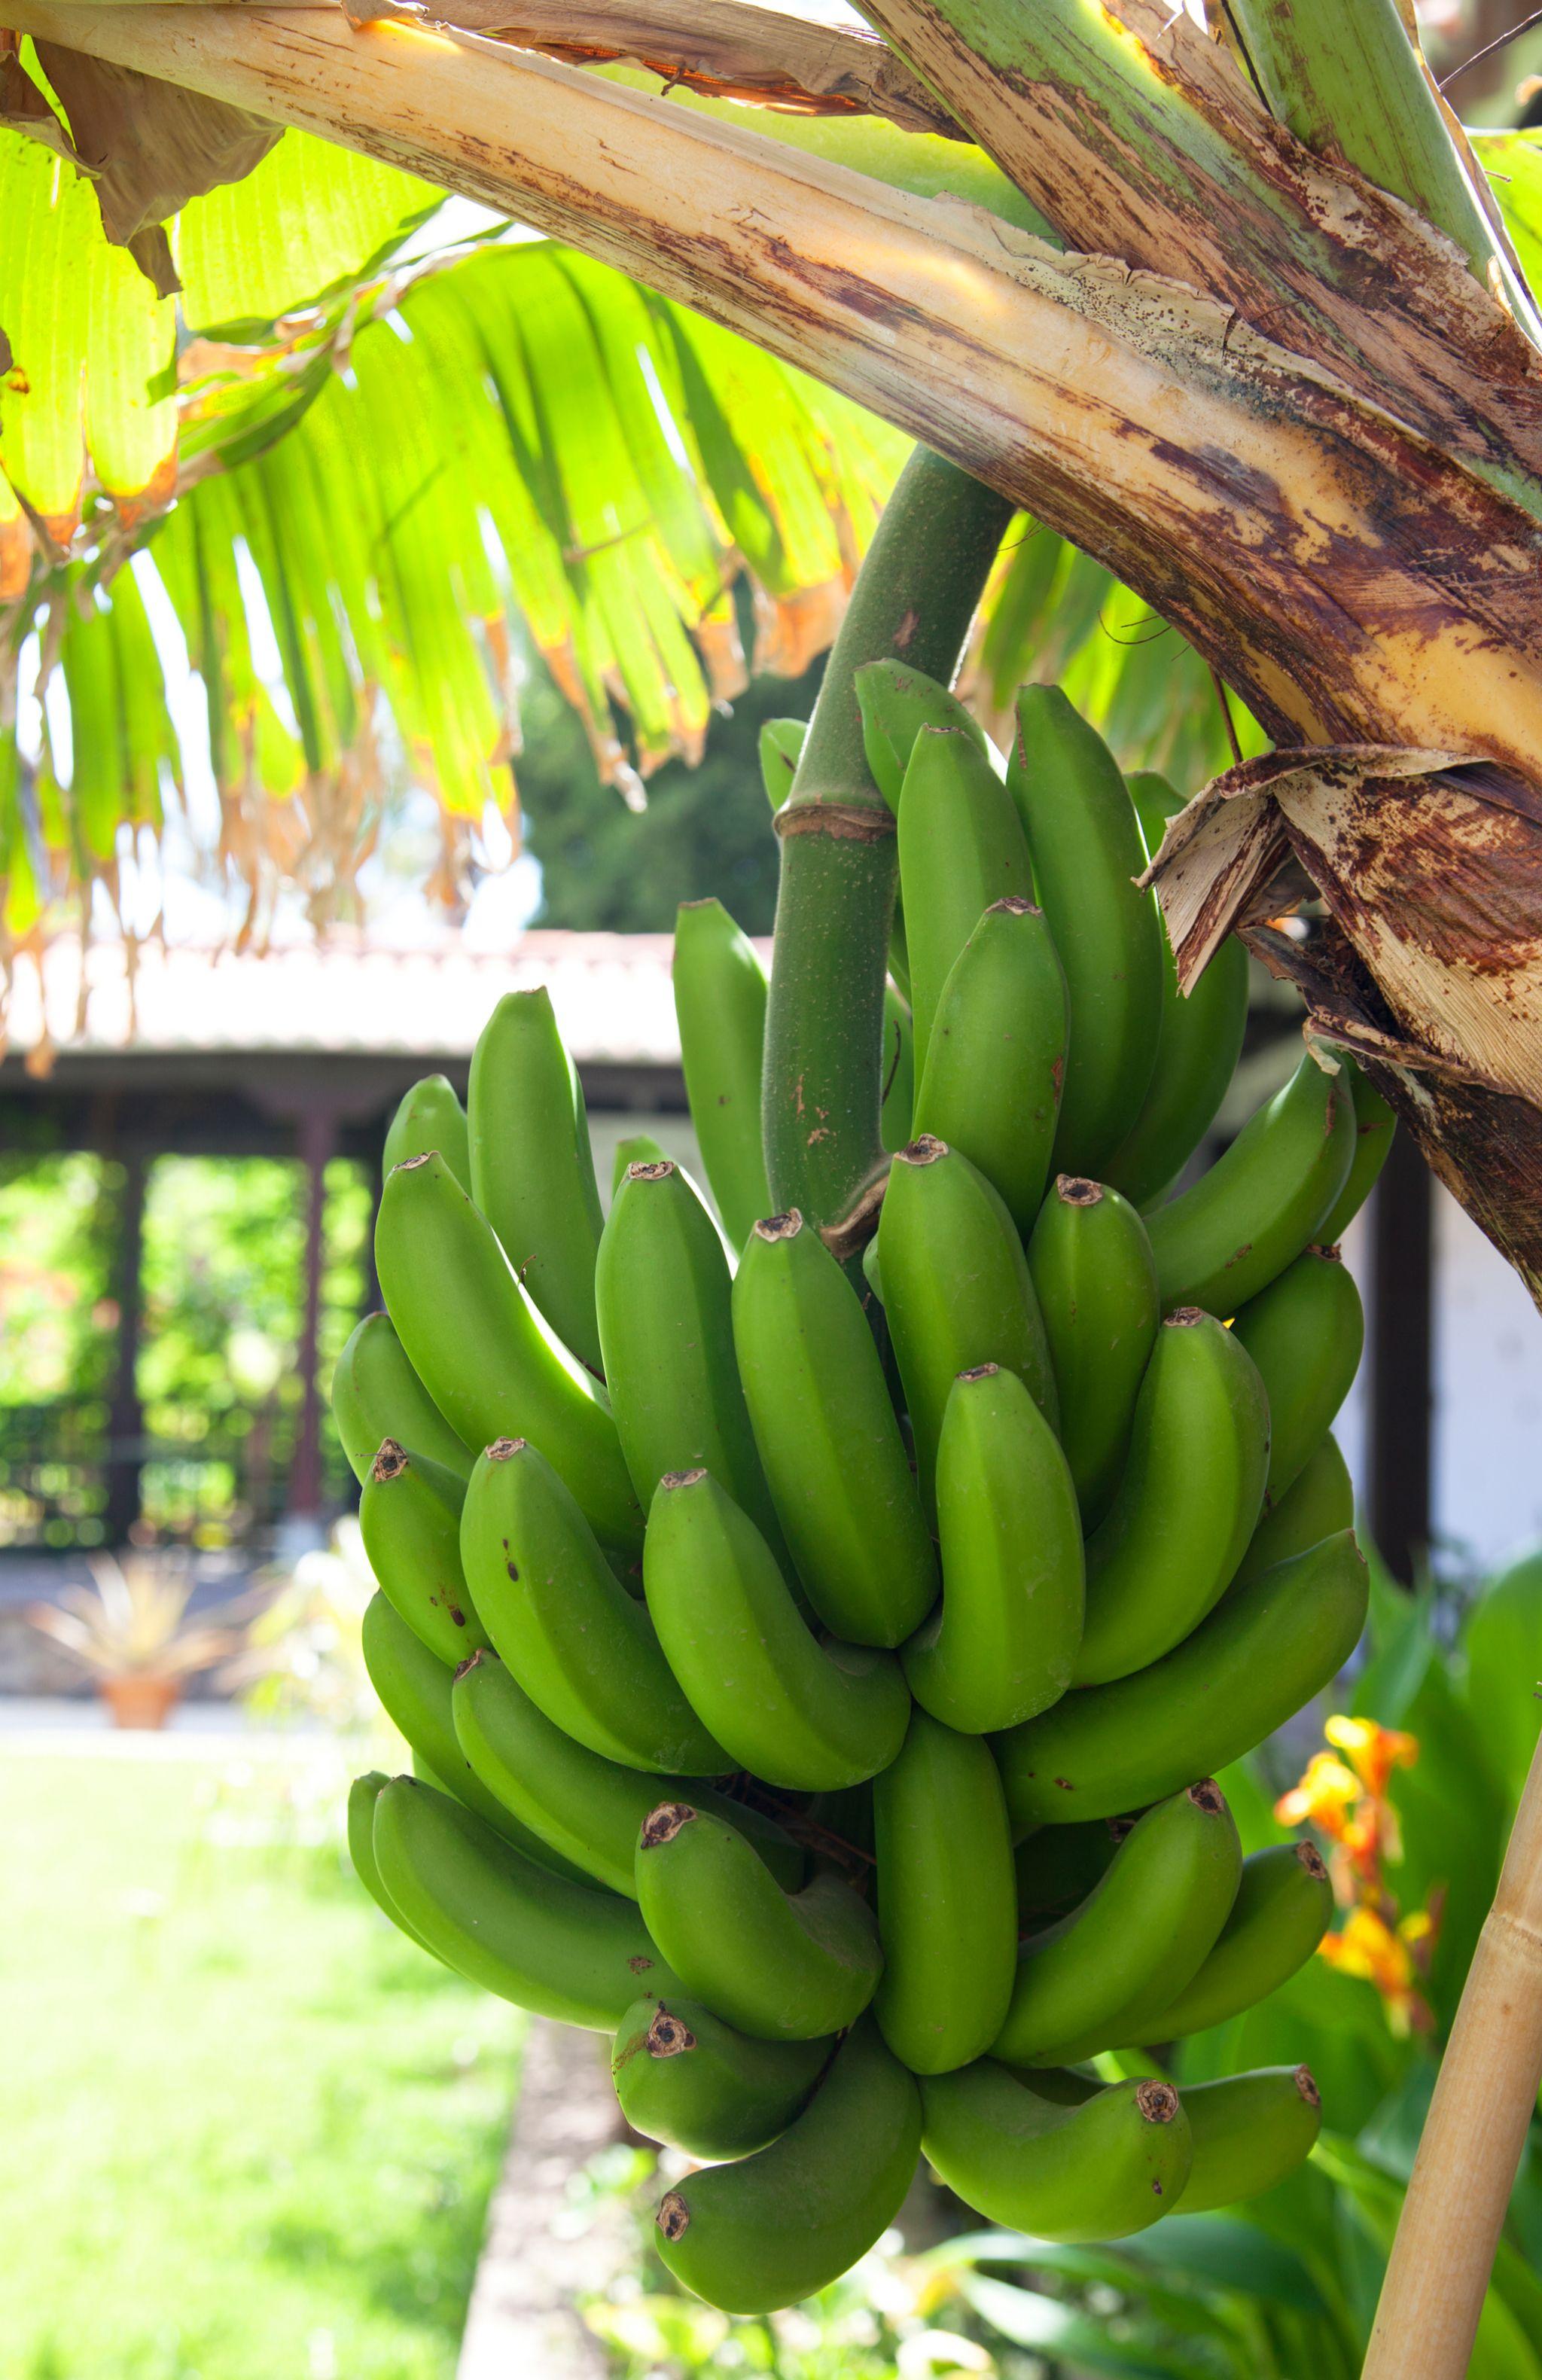 Plátanos de Canarias antes de ser recolectados.